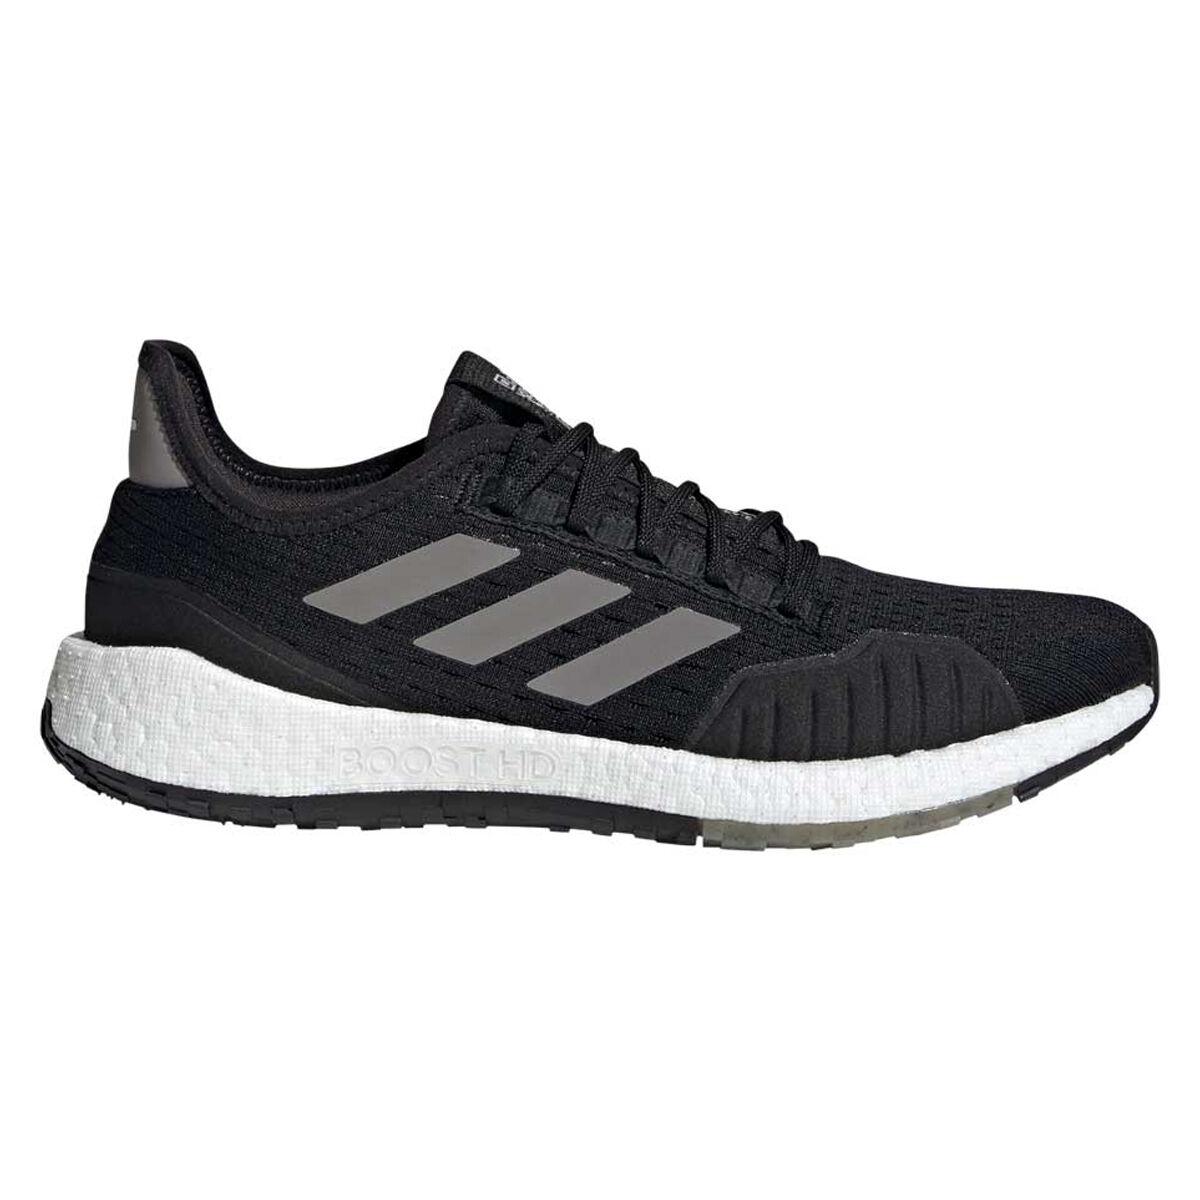 Adidas Shoes 1997 wallbank lfc.co.uk